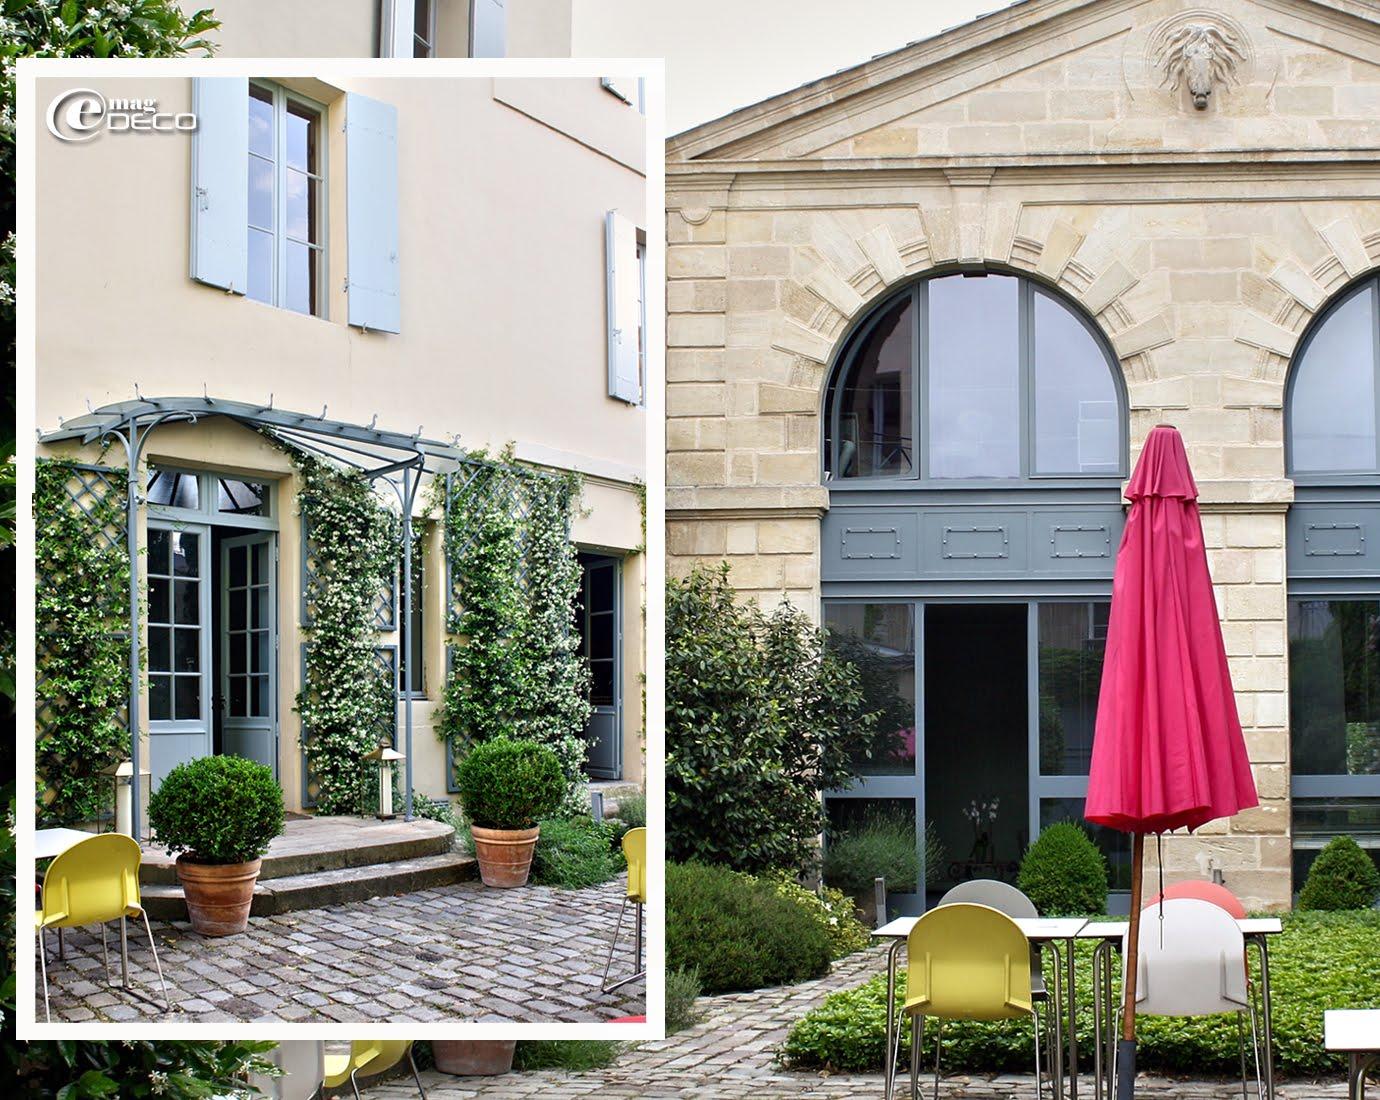 Façades sur cour de La Maison Bord'Eaux, hôtel à Bordeaux